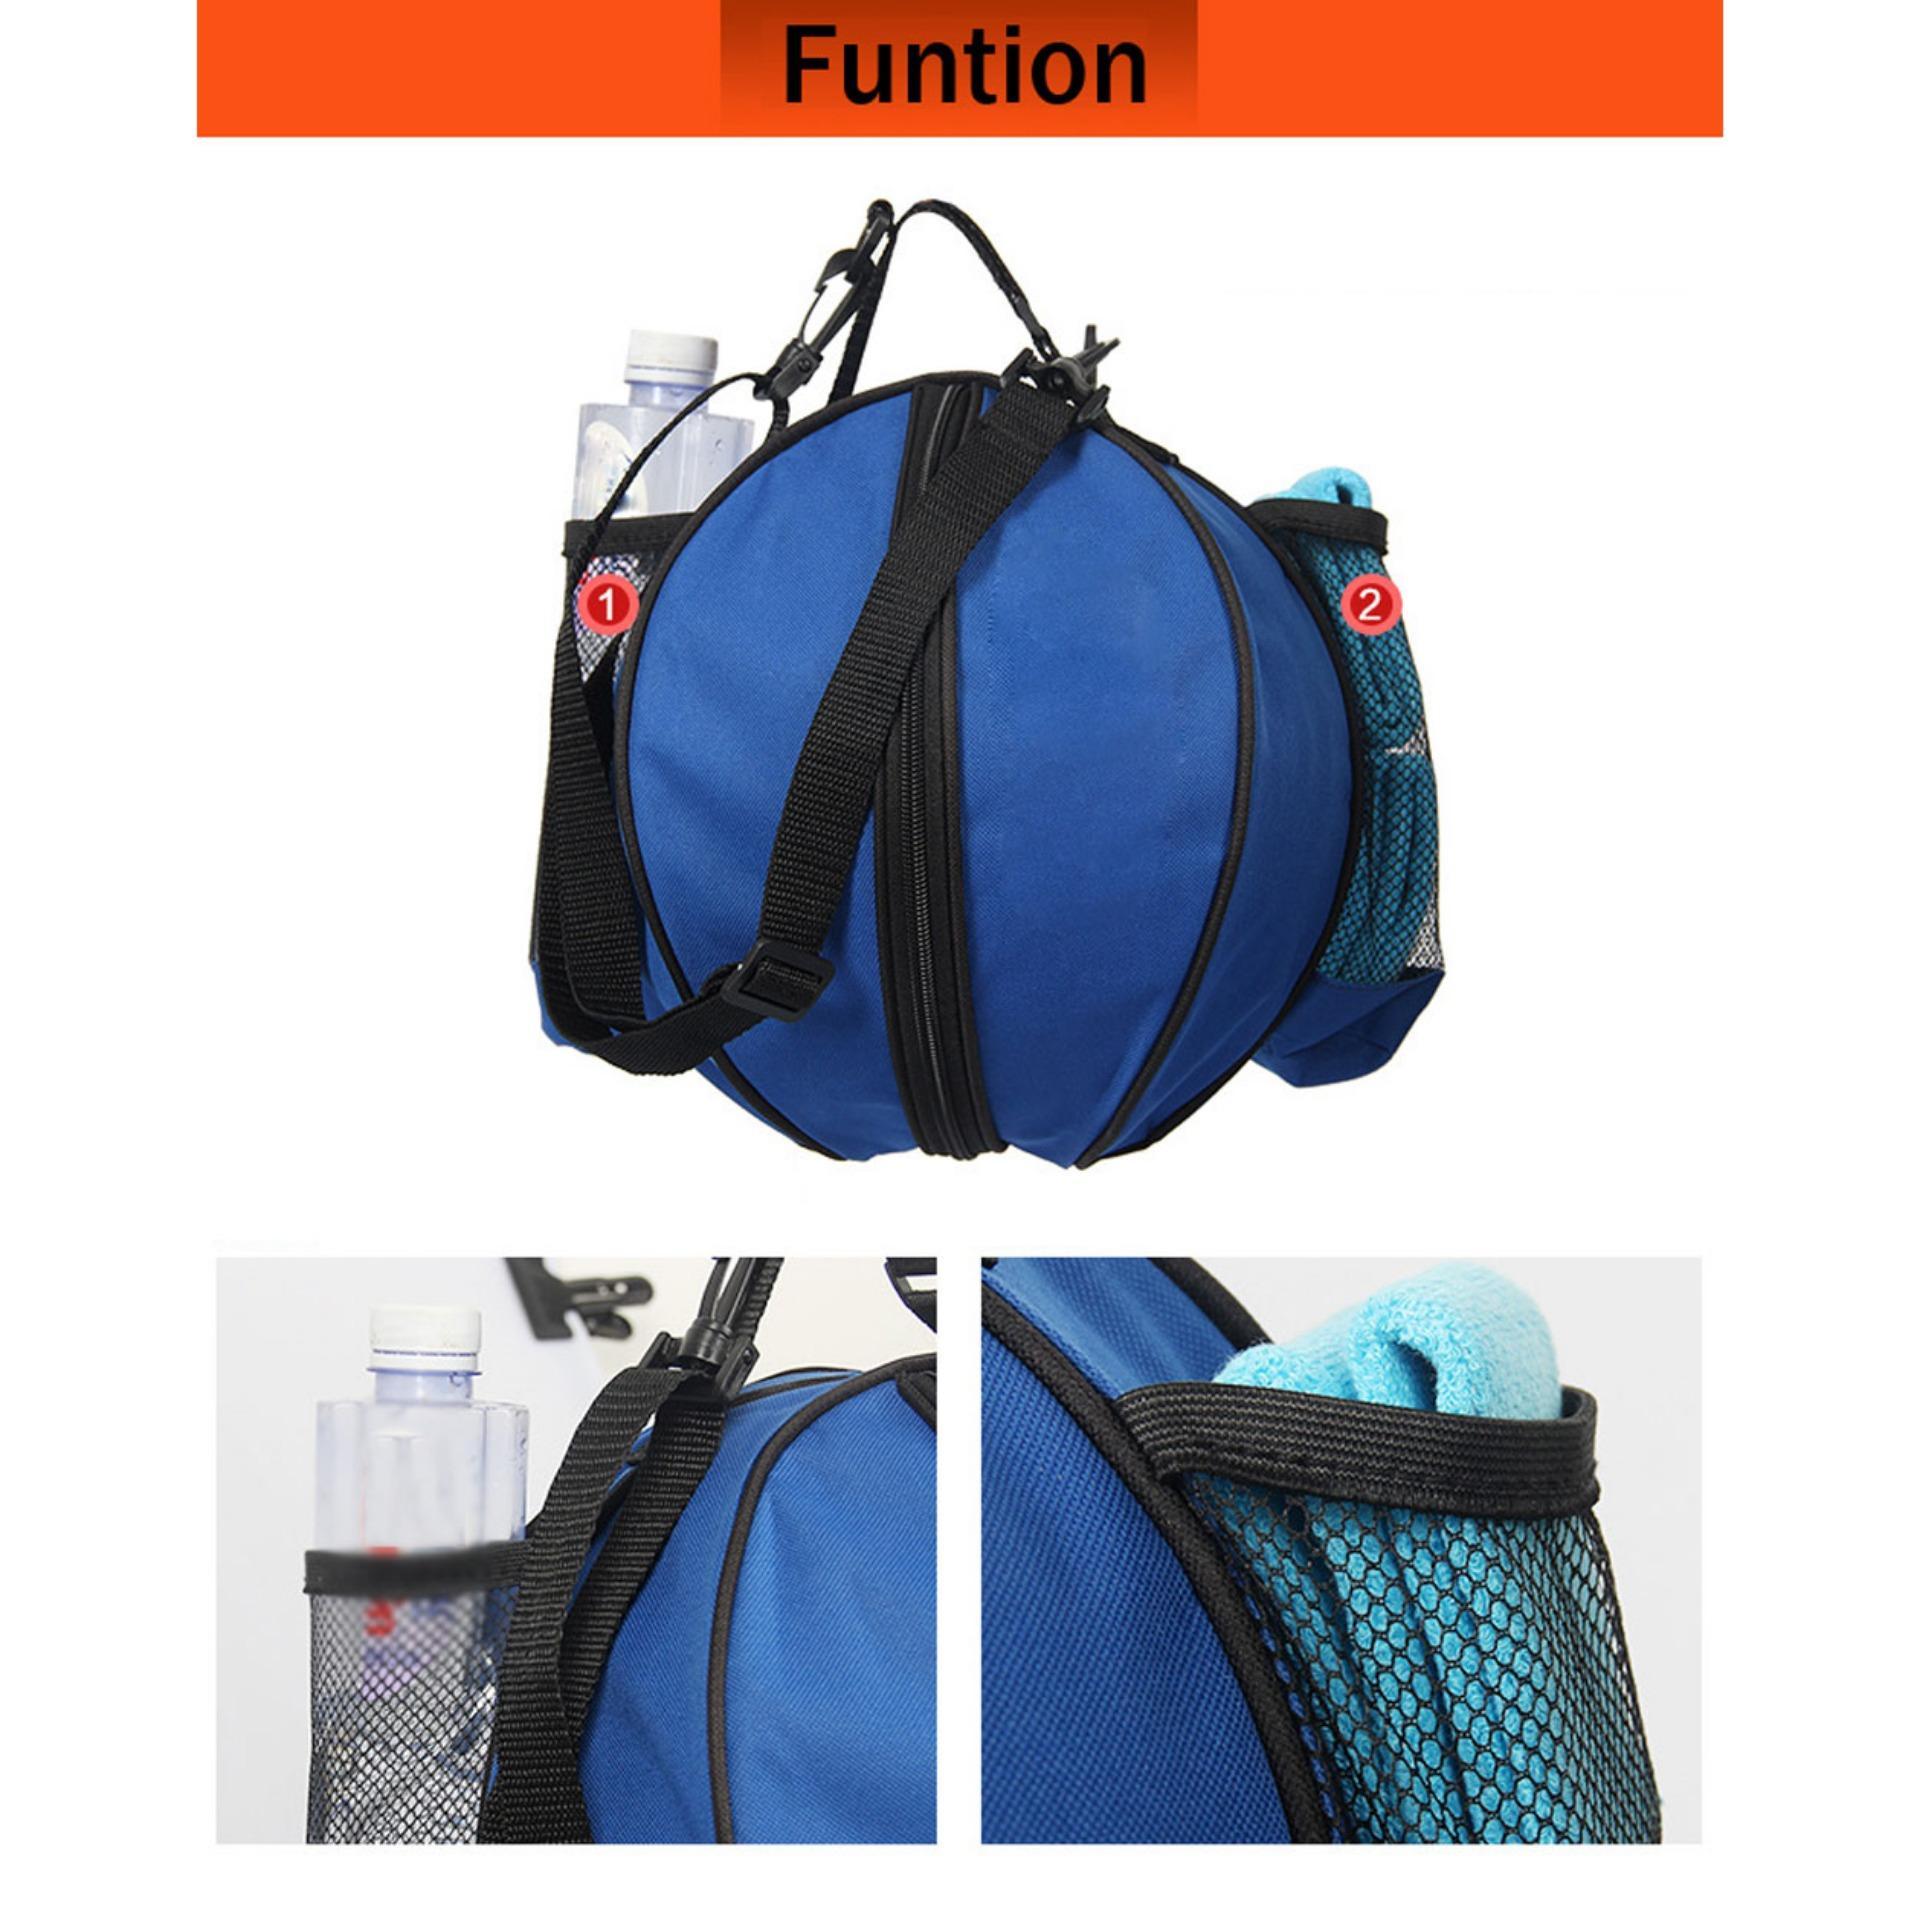 Túi đựng bóng rổ, có ngăn đựng bình nước, ngăn nhỏ đựng phụ kiện chất liệu cao cấp POPO Sports - 7